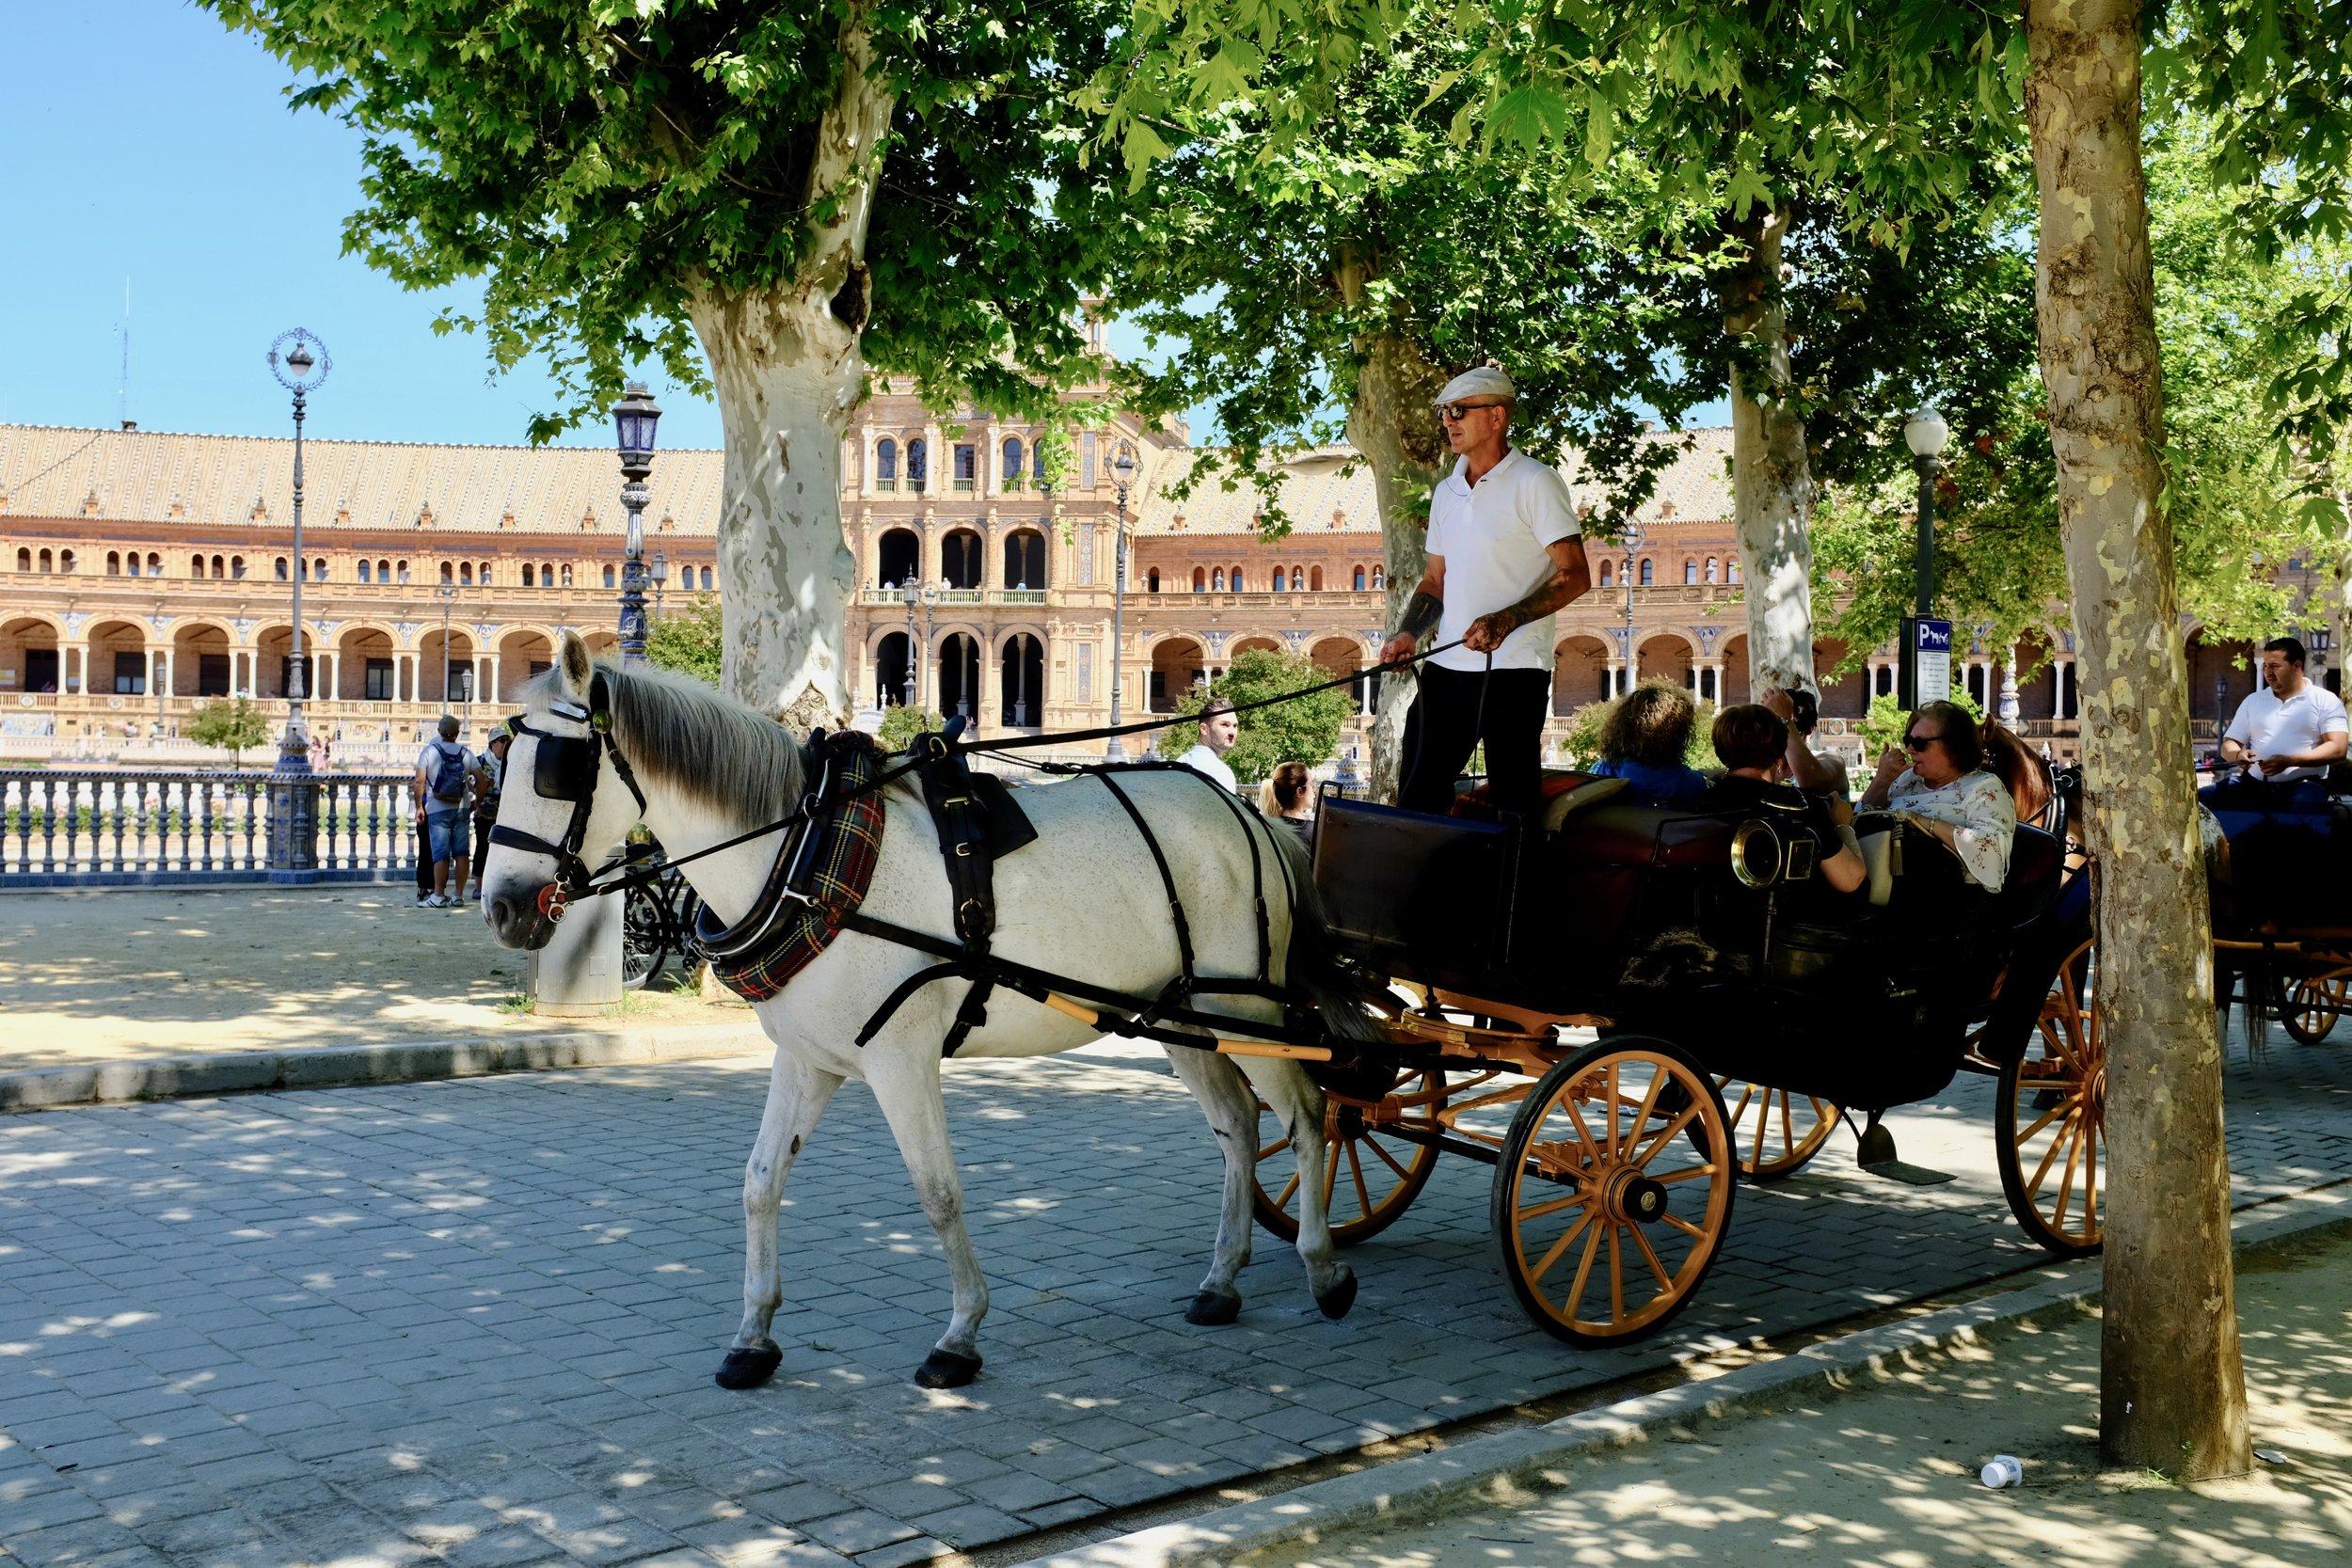 Horse drawn carriage ride through Plaza de España and Parque de Maria Luisa.